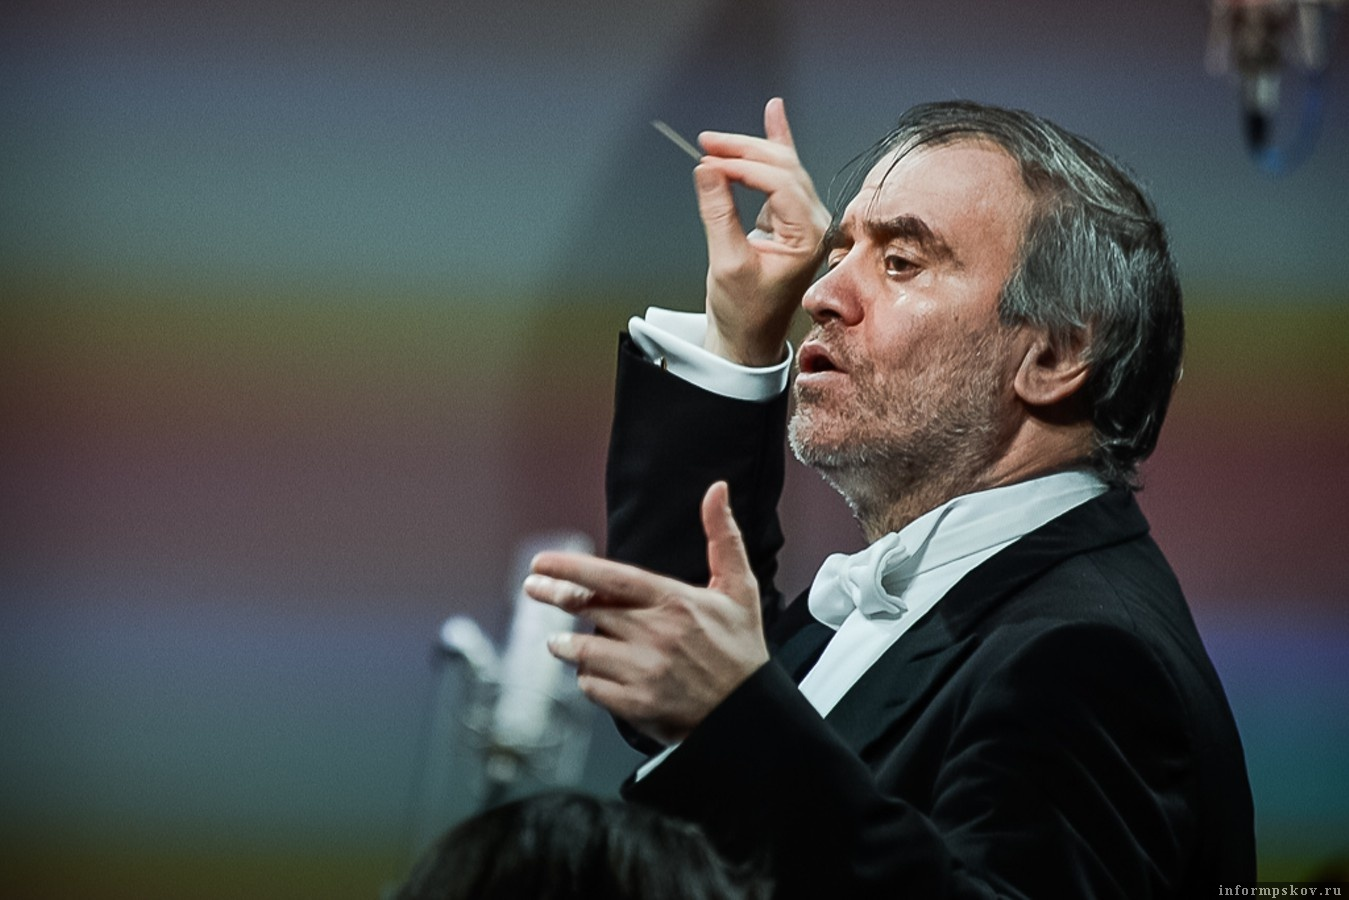 Валерий Георгиев. Фото: культура.рф